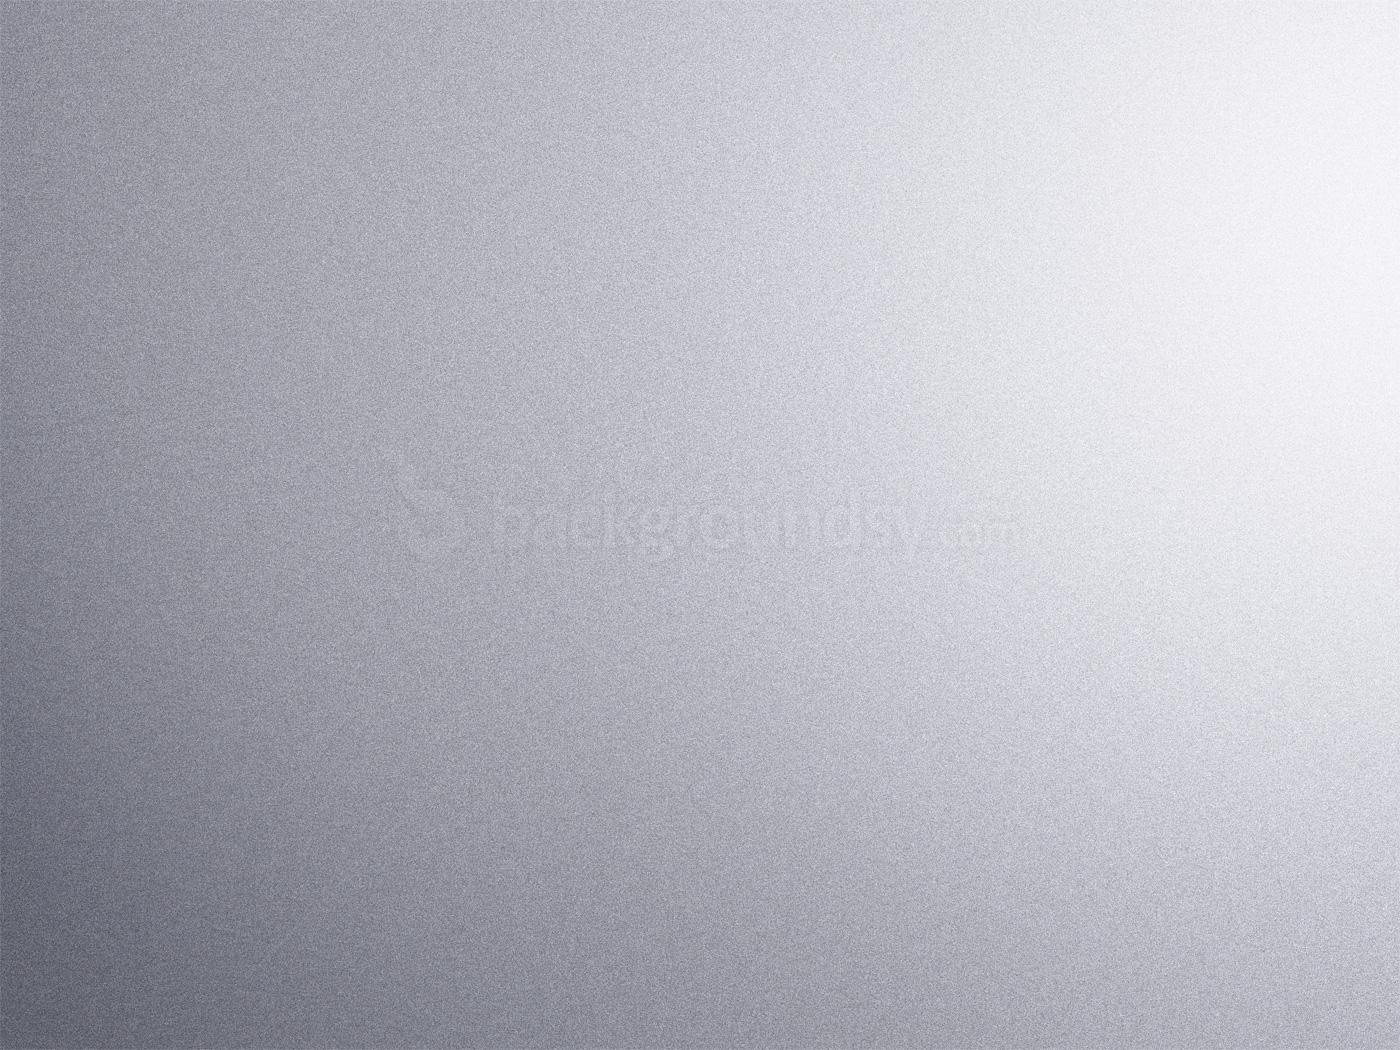 Noisy aluminum background Backgroundsycom 1400x1050